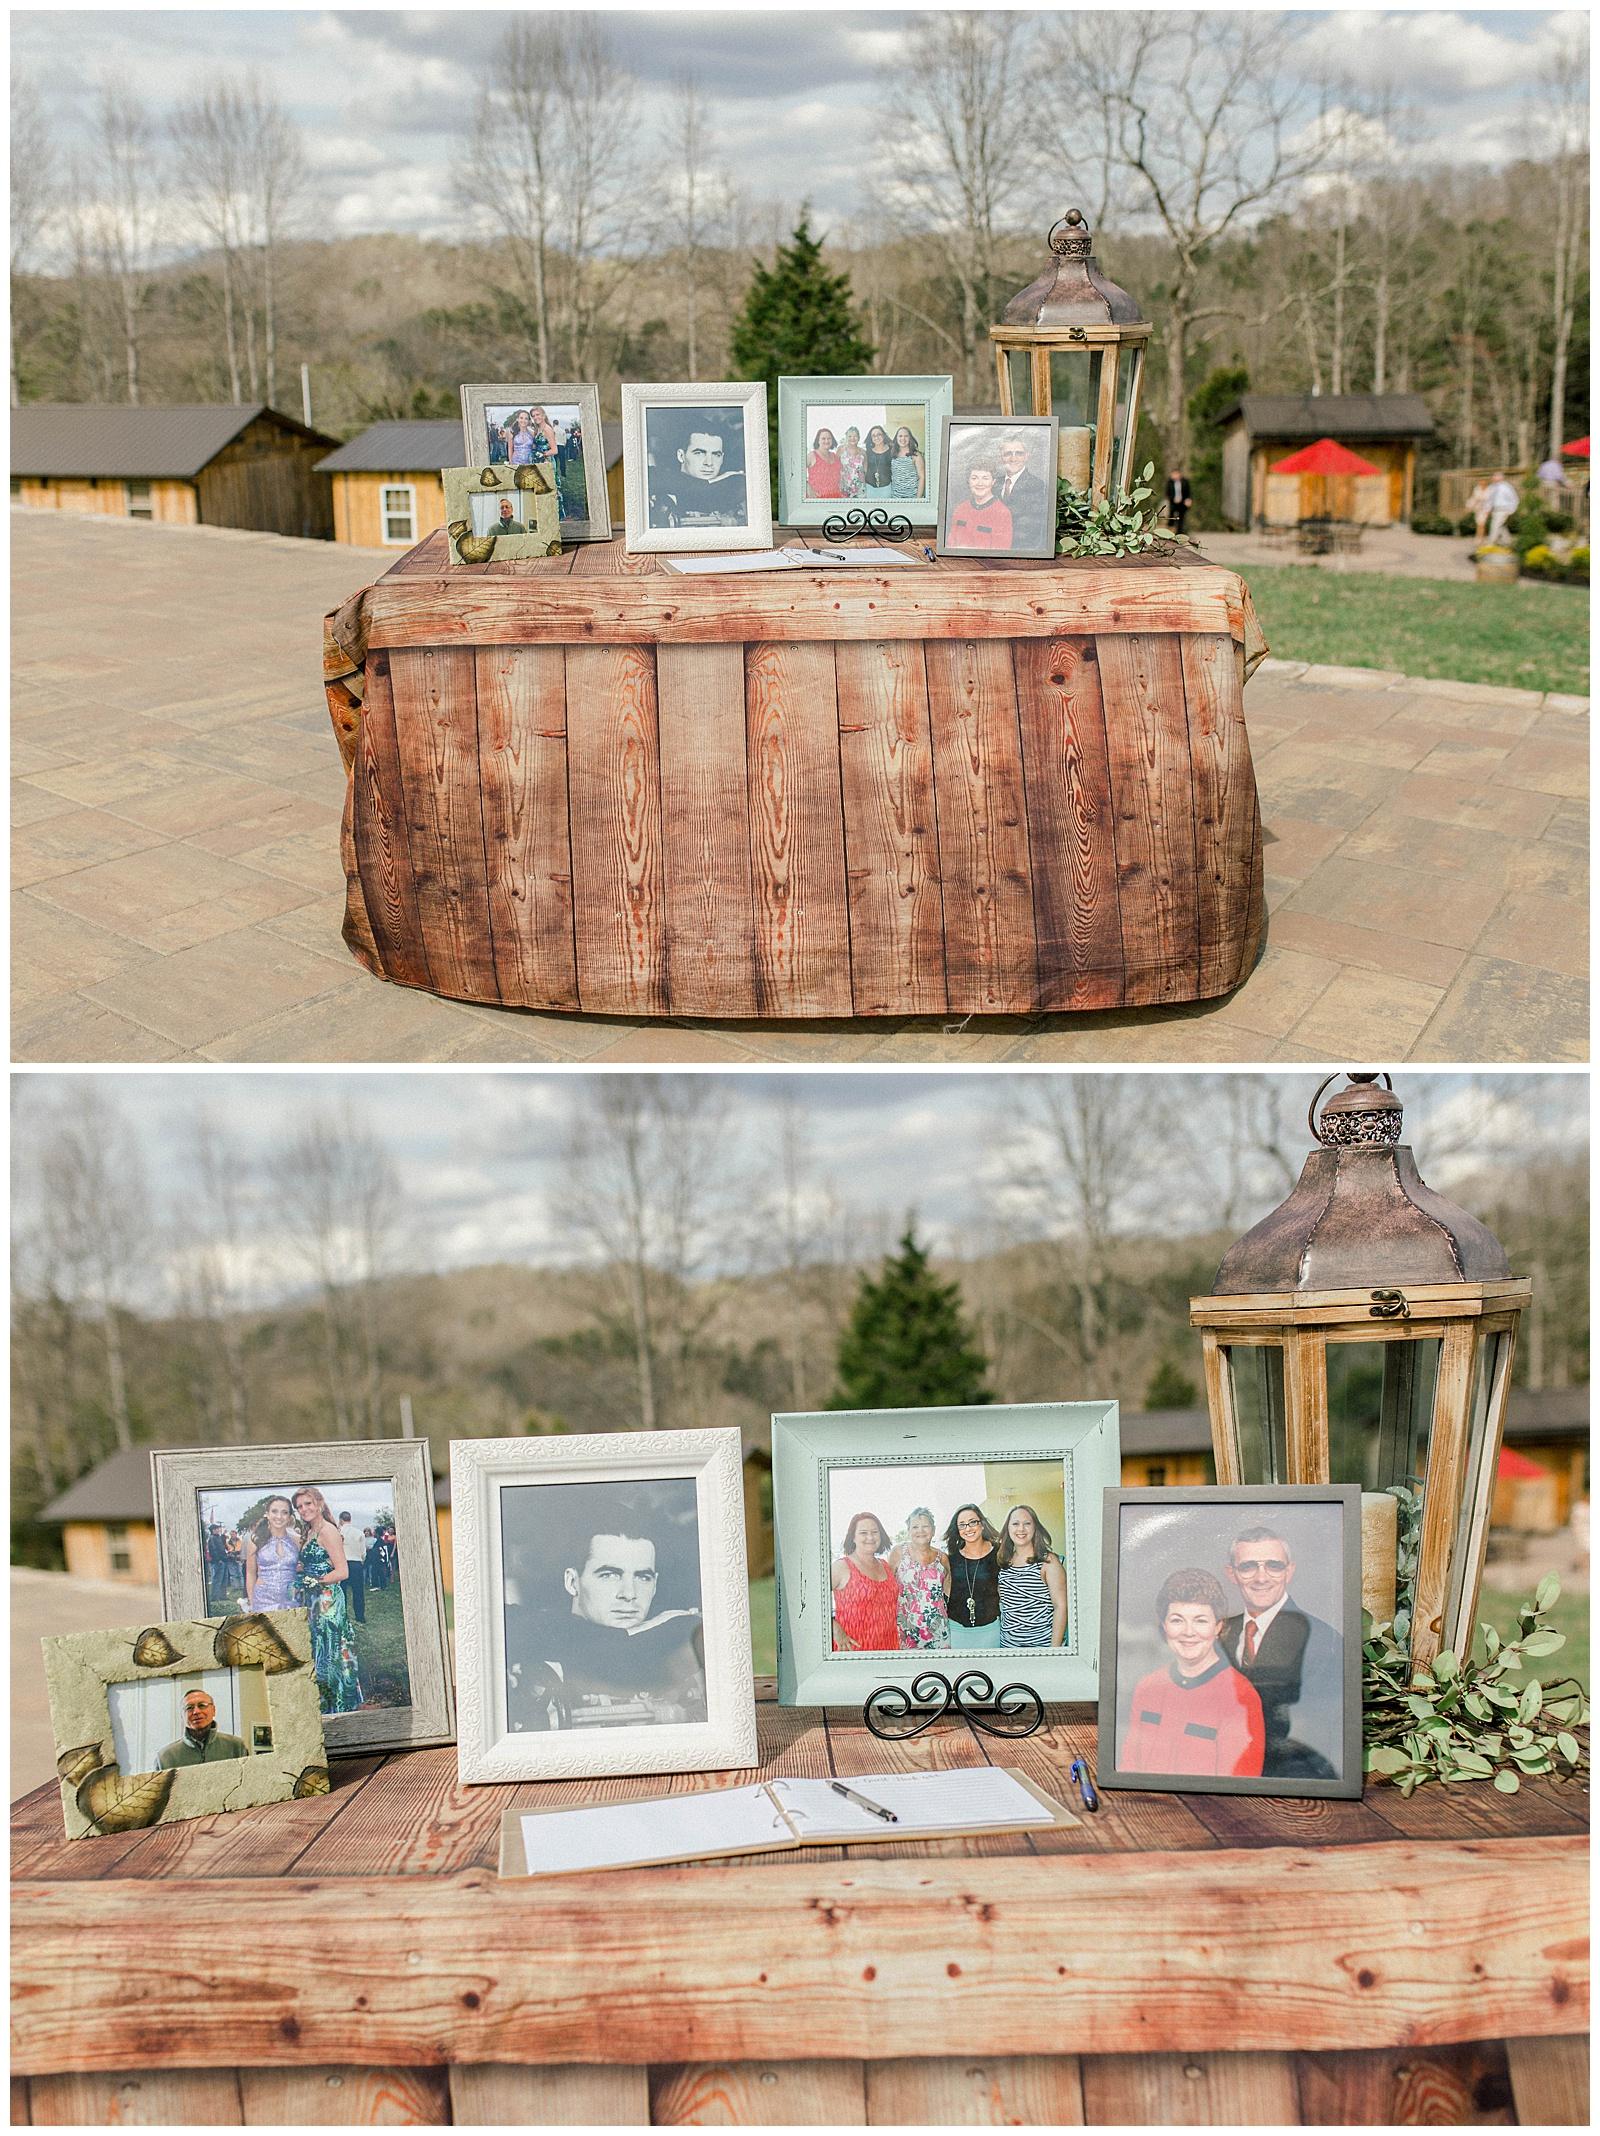 Lewis-Kara-Blakeman-Photography-Huntington-West-Virginia-Wedding-Barn-Olde-Homestead-50